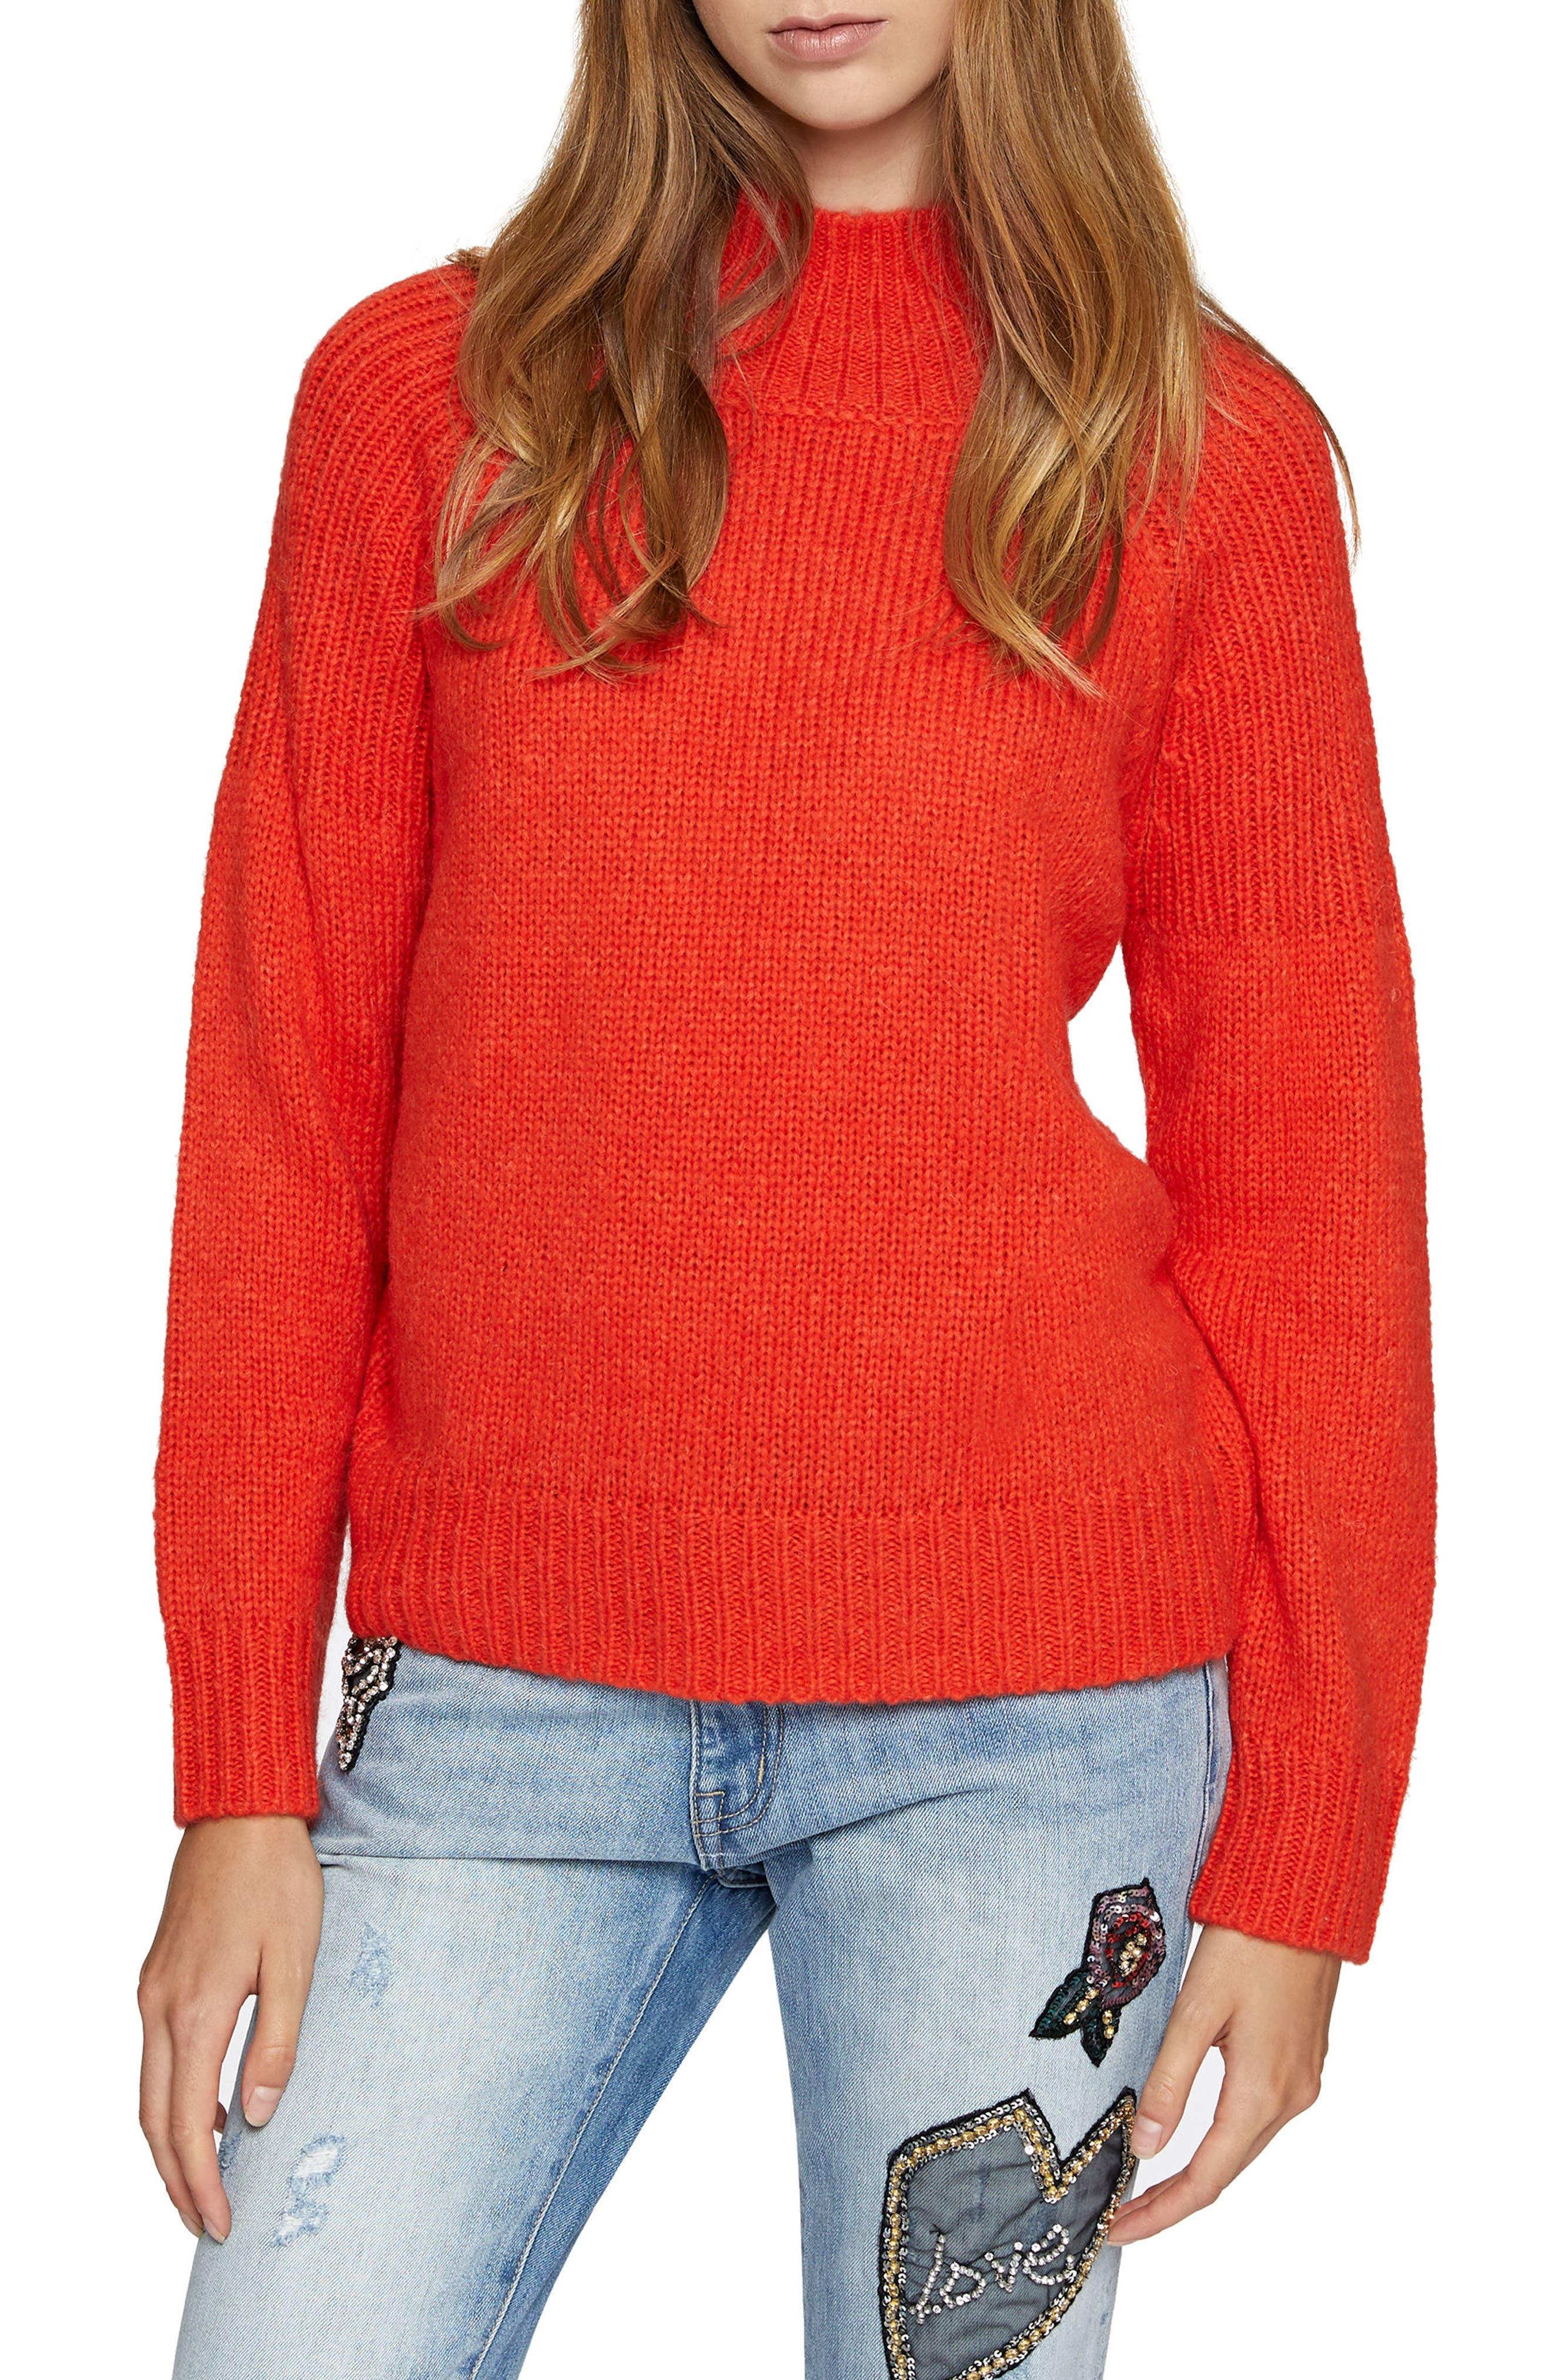 Fiona Cotton Blend Turtleneck,                             Main thumbnail 1, color,                             Orange Lacquer